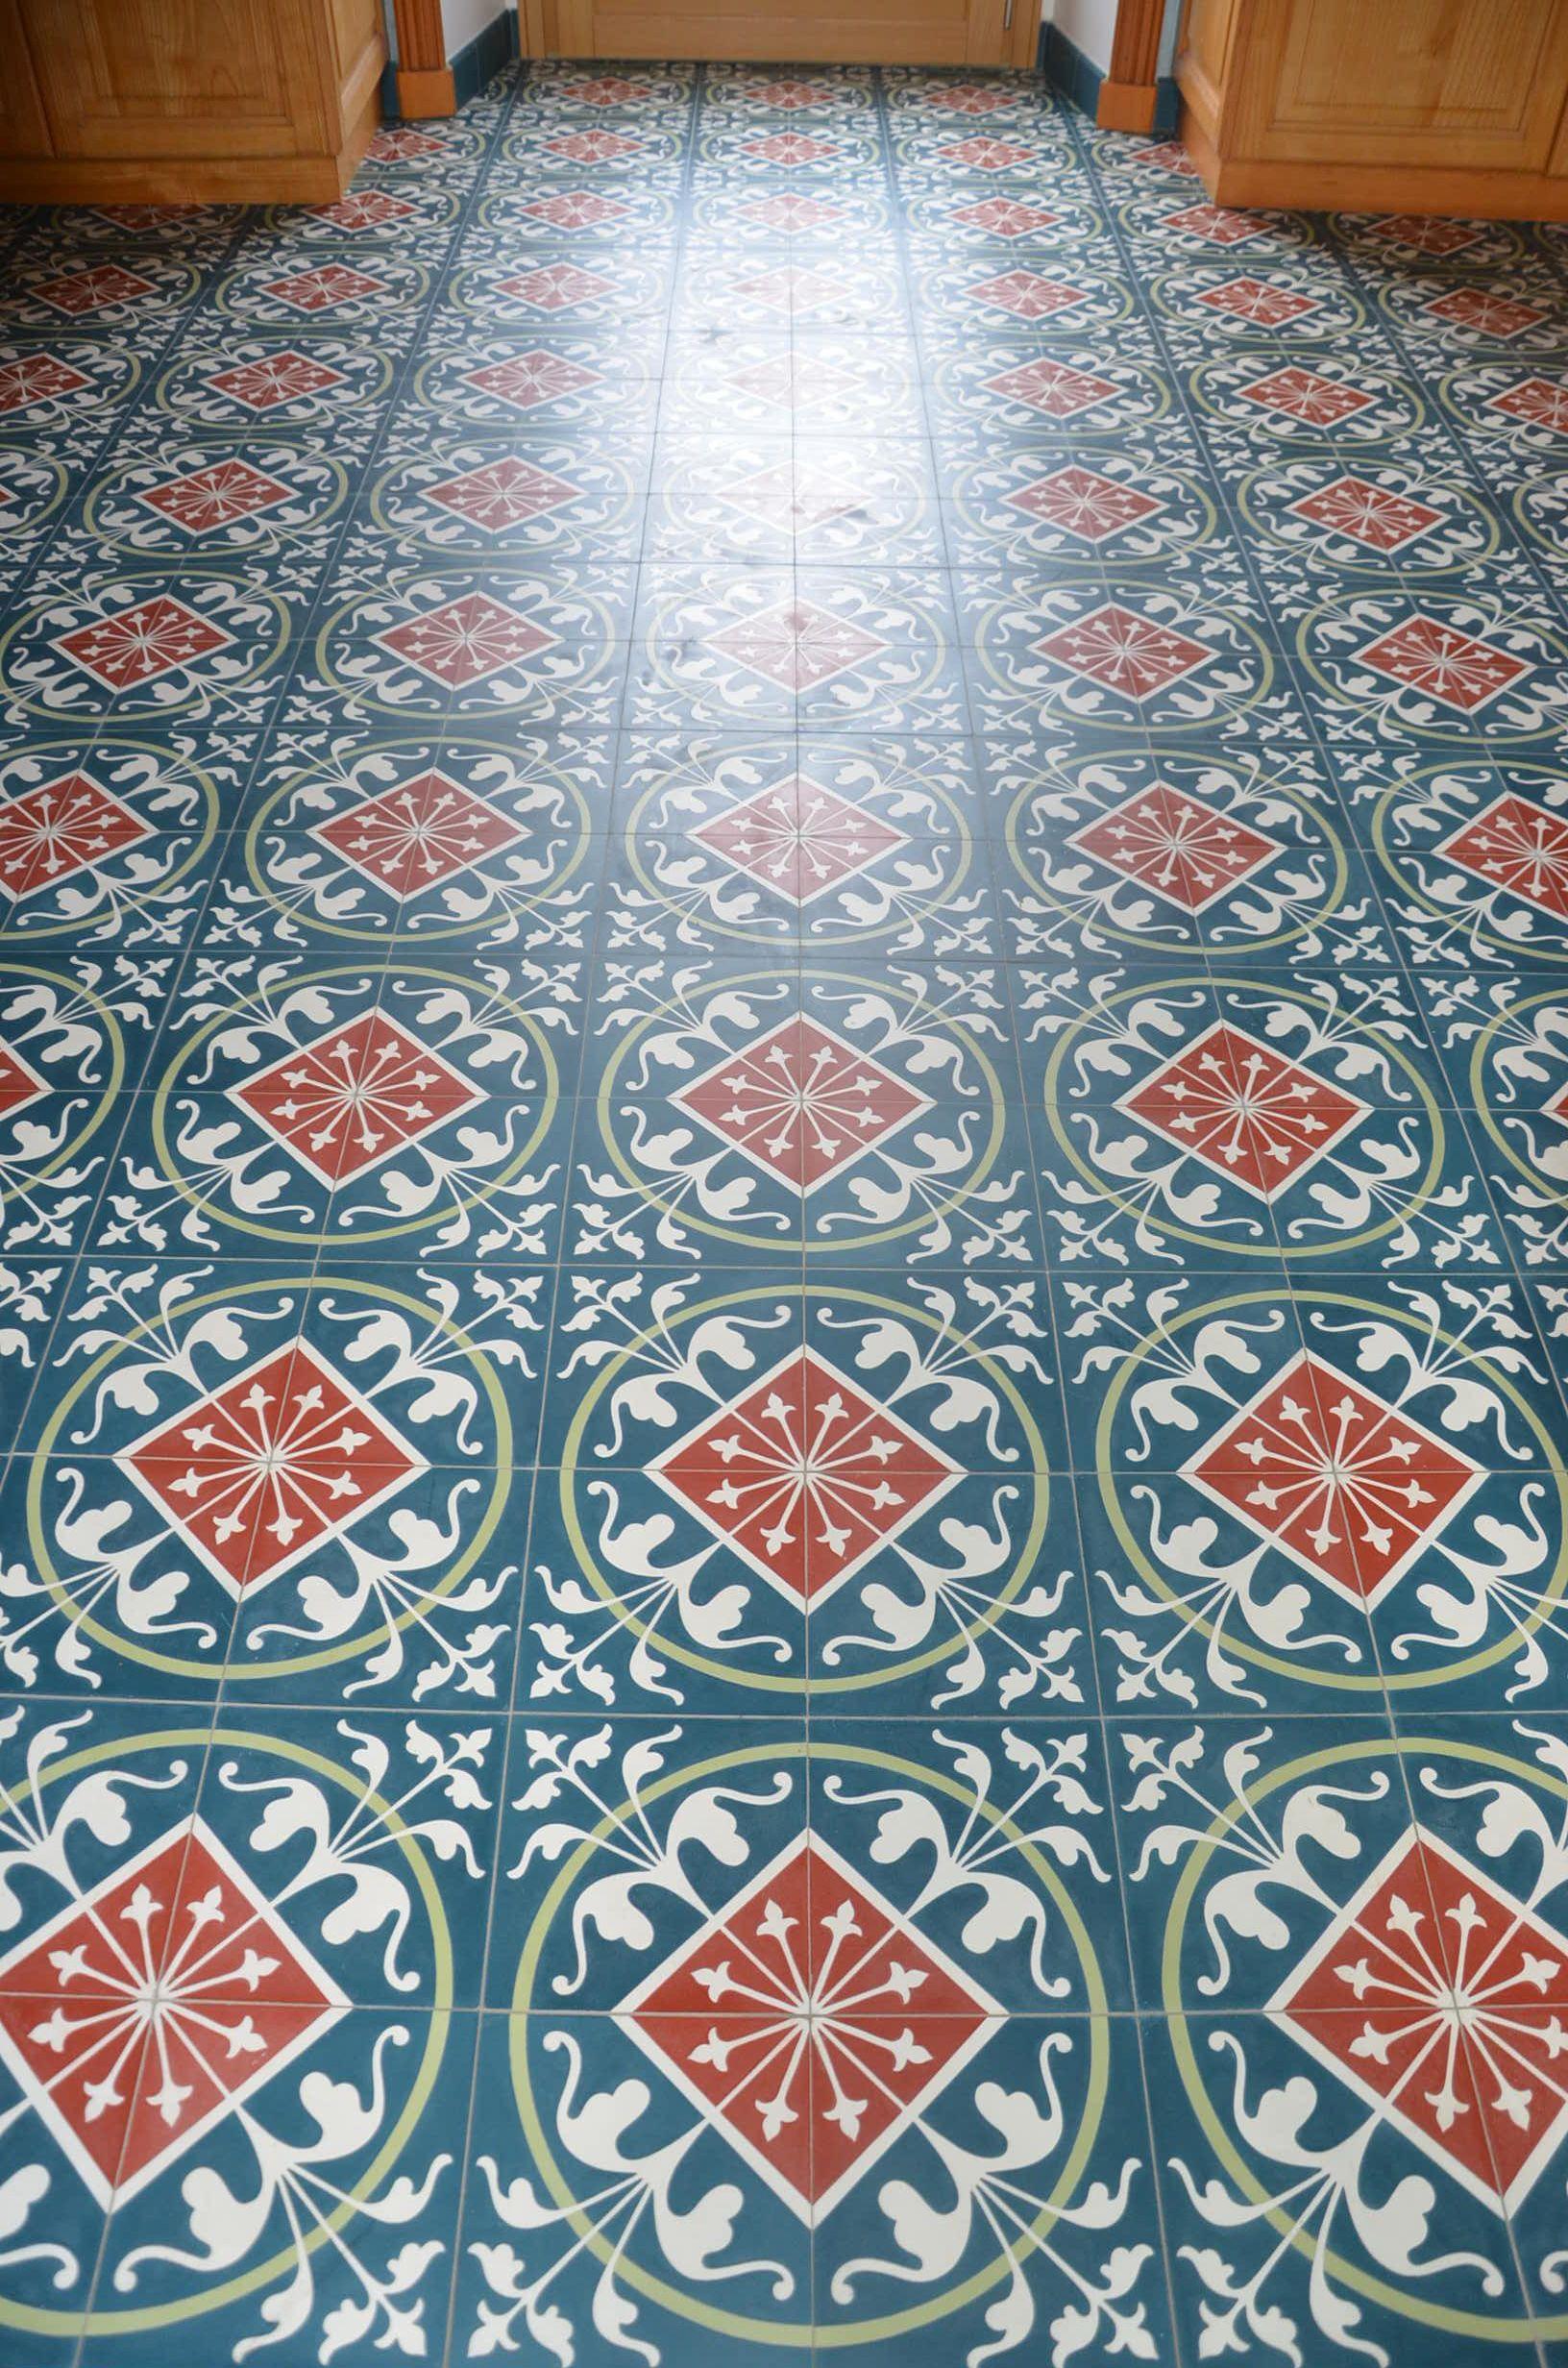 Carrelage Ciment Decor Bleu Royal Format Carreau 20x20xm Carrelages Du Marais Carreaux Ciment Carrelage Ciment Carrelages Du Marais